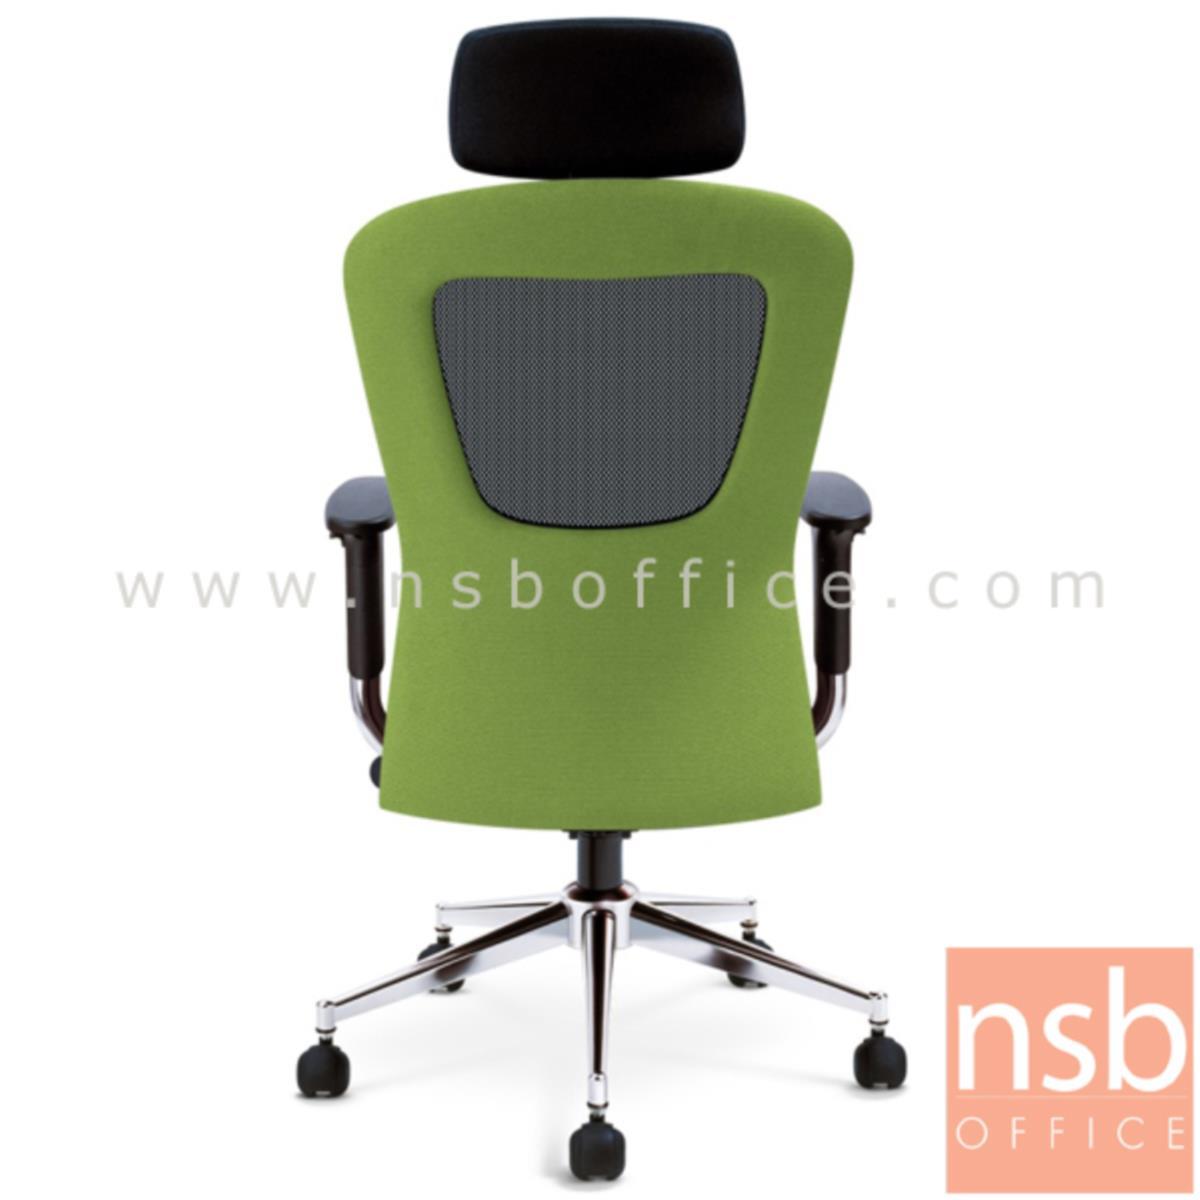 B28A004:เก้าอี้ผู้บริหารหลังเน็ต รุ่น Acura (แอคิวรา)  โช๊คแก๊ส มีก้อนโยก ขาเหล็กชุบโครเมี่ยม